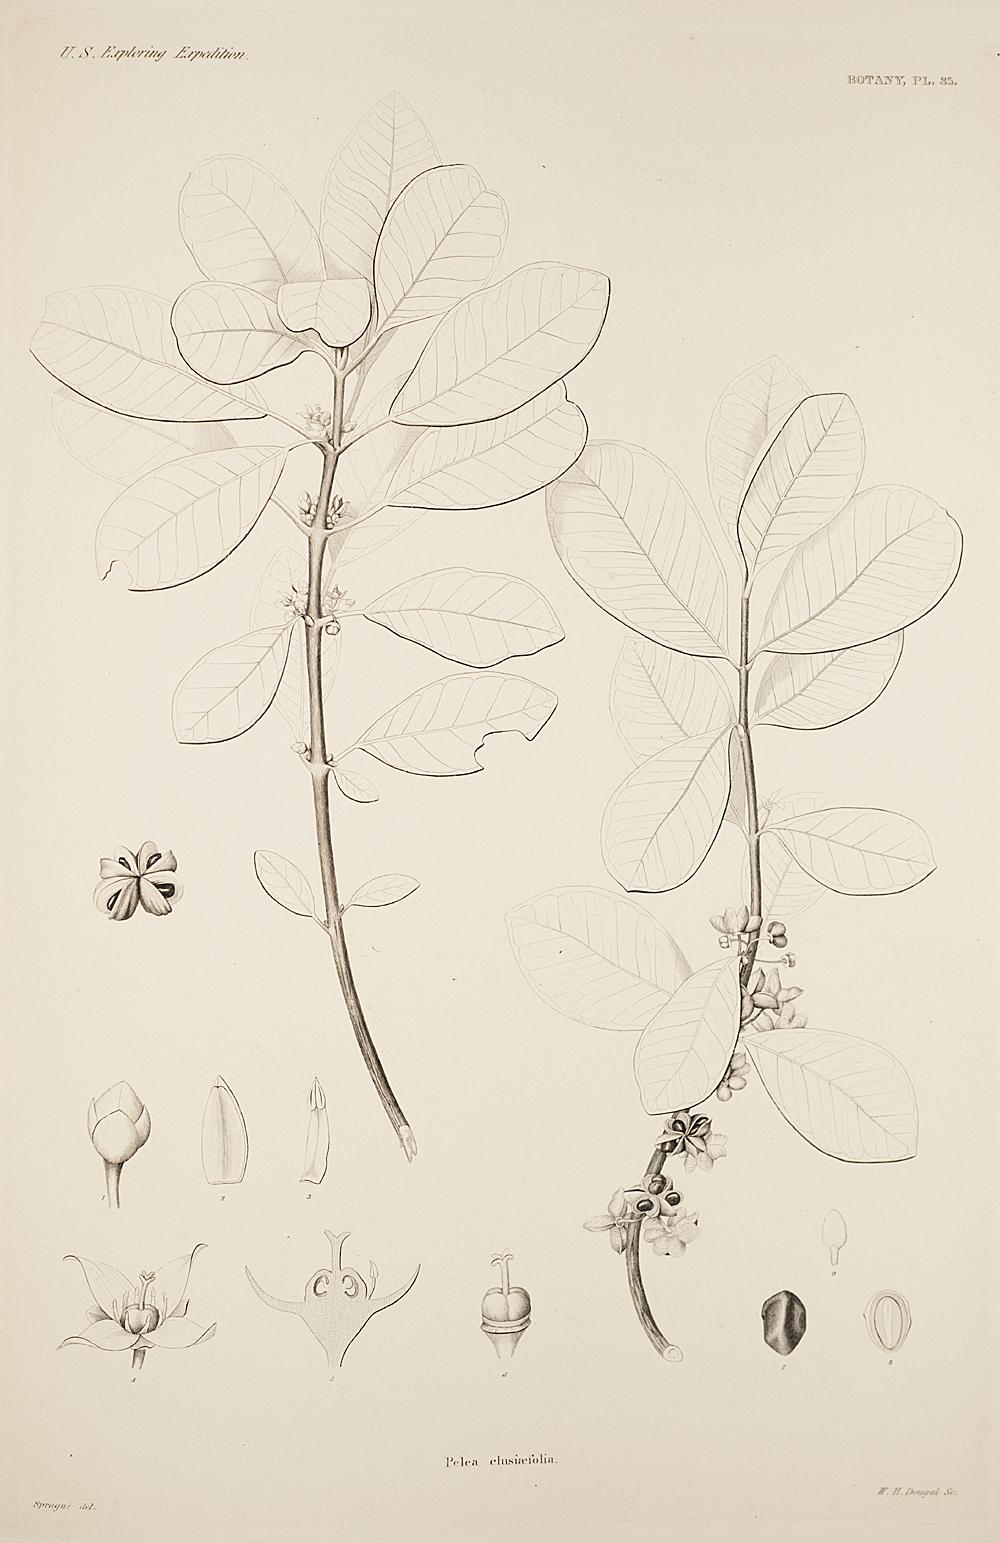 Botany, Pl. 35,  Image number:sil19-23-081b